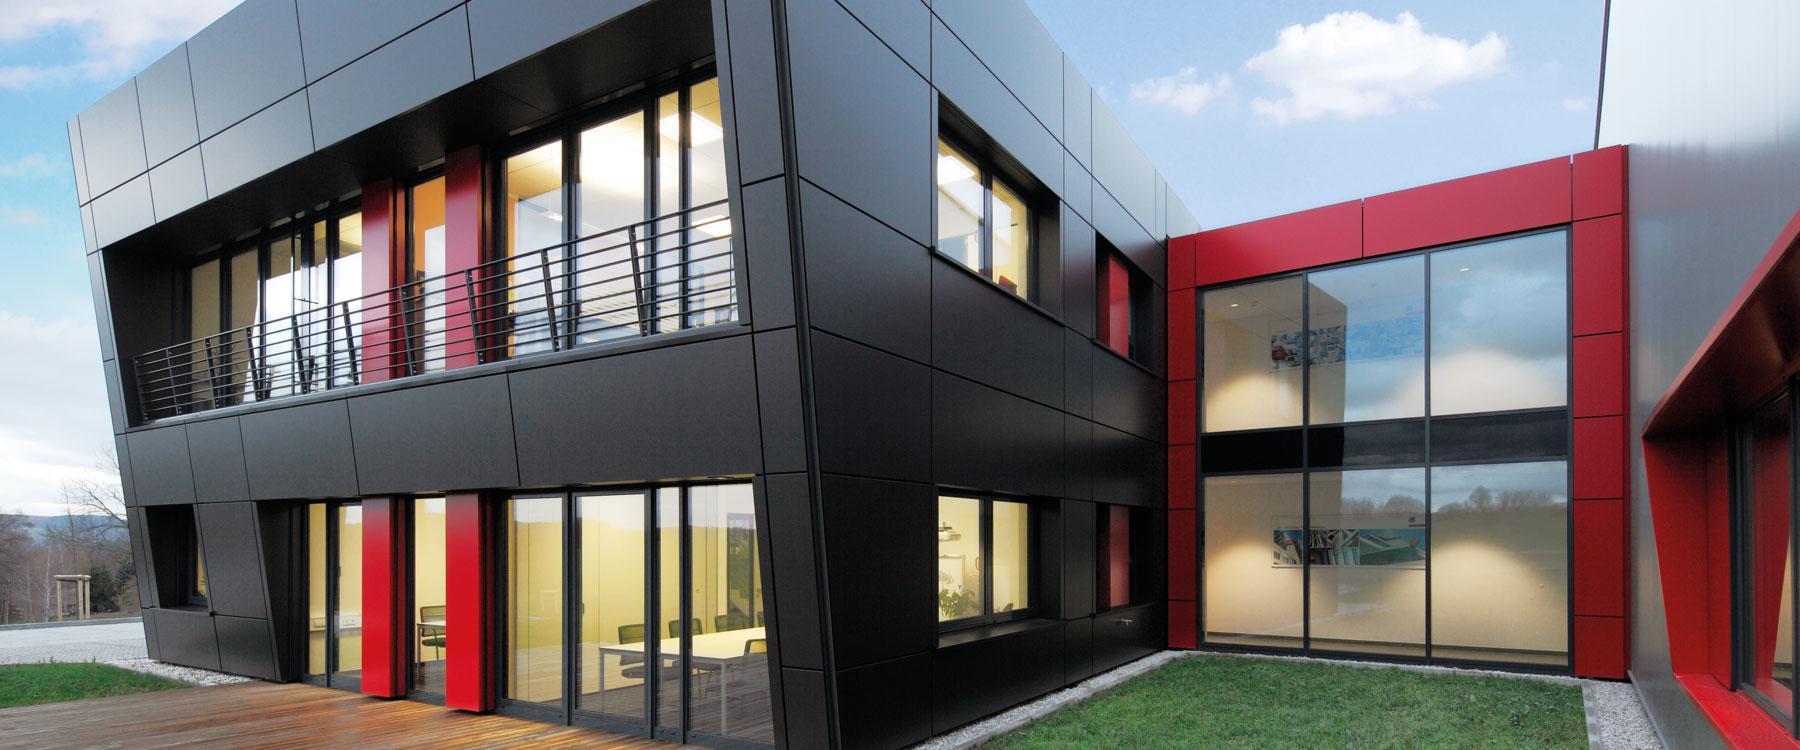 schrag chemnitz schrag fassaden. Black Bedroom Furniture Sets. Home Design Ideas